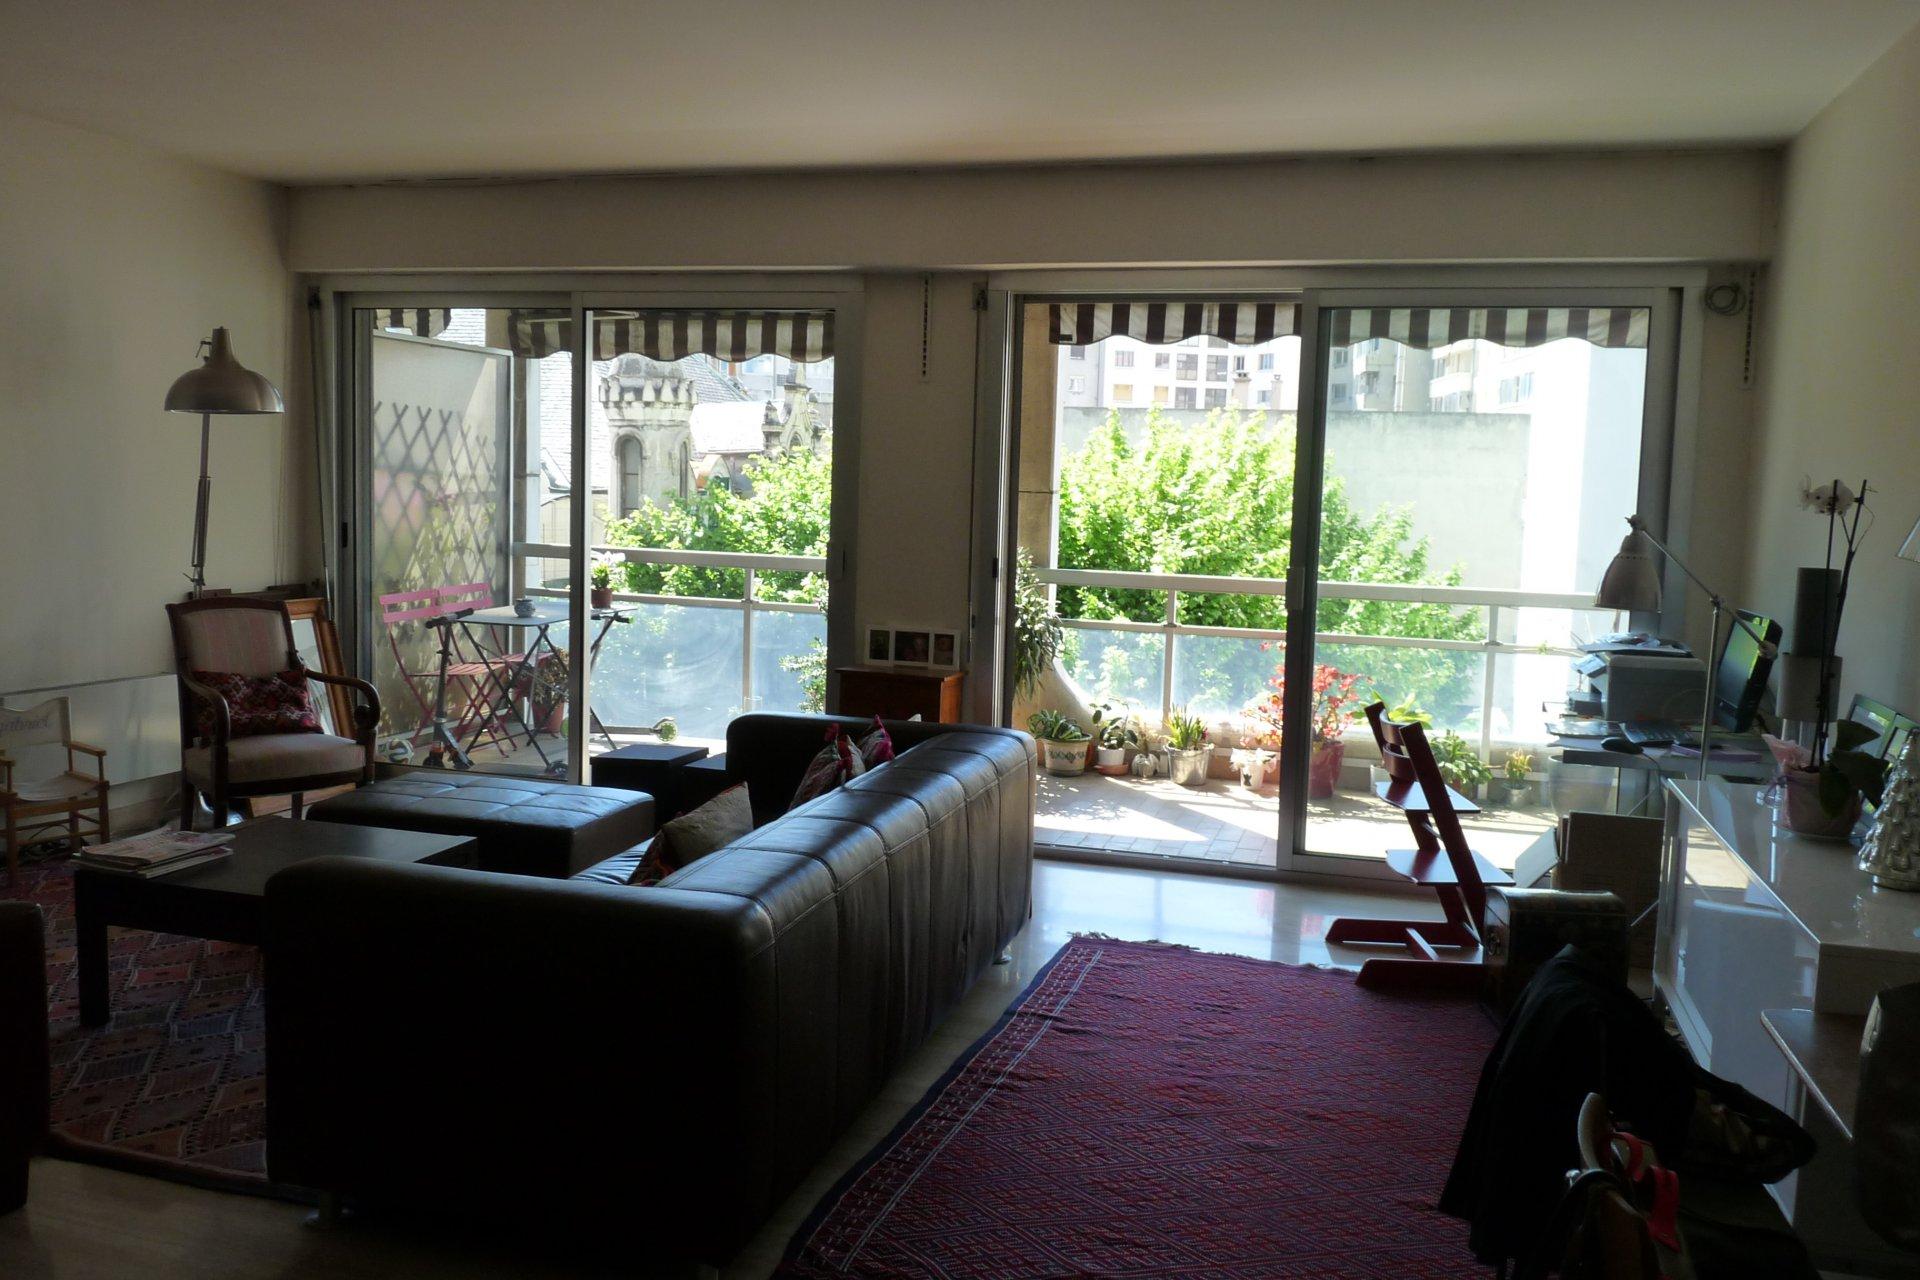 Appartement type 5, 4 chambres, 132m² avec terrasse, balcon et parkings